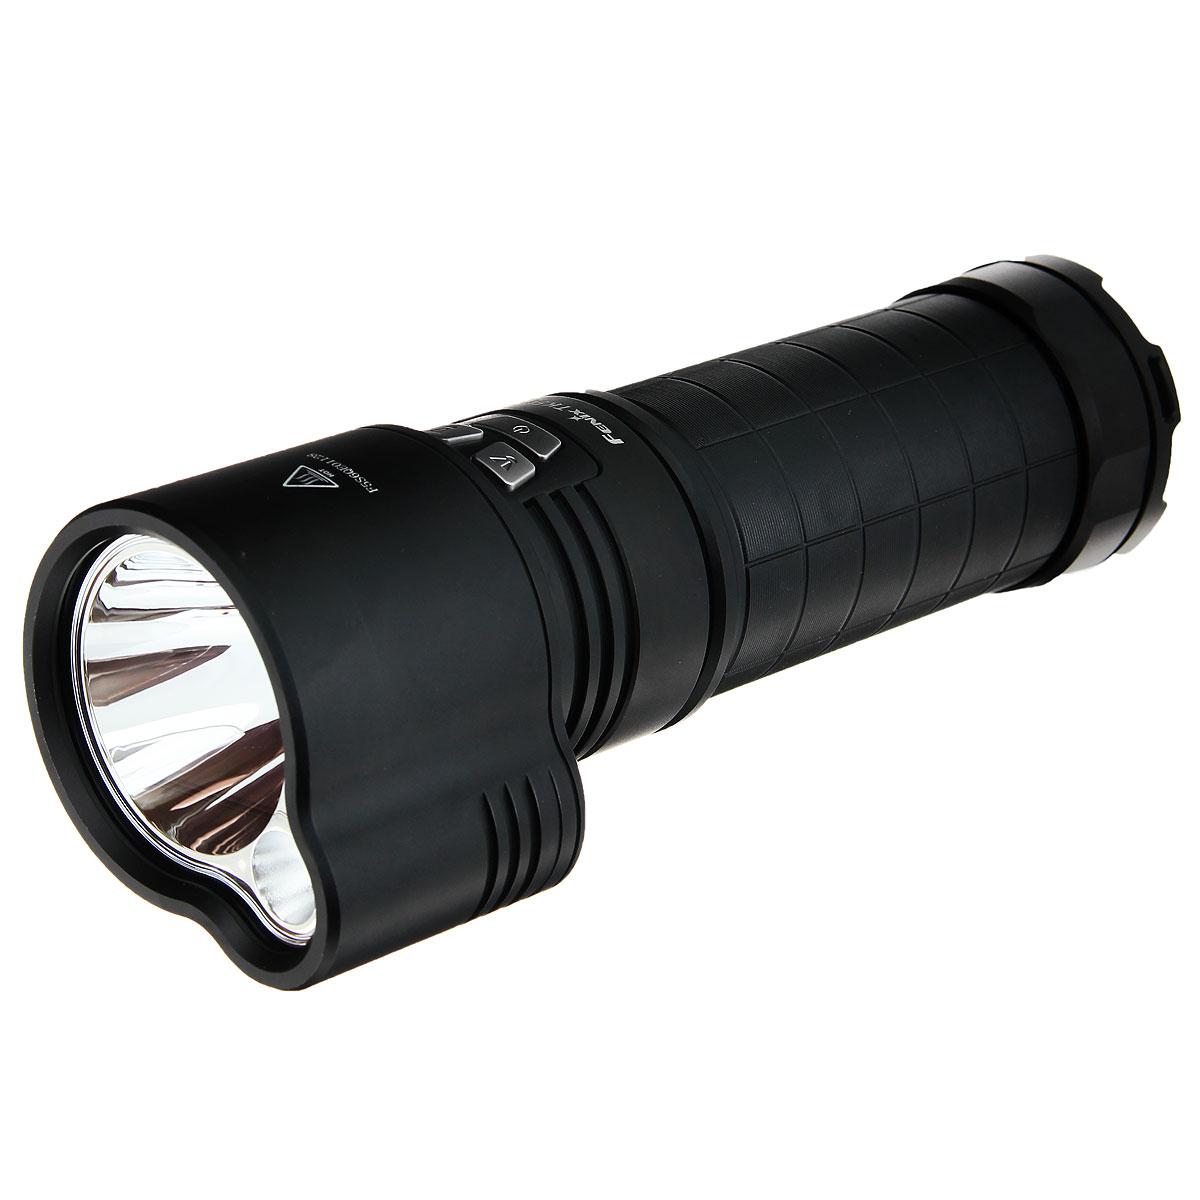 Фонарь Fenix TK51TK51Фонарь ТК51 — идеальное решение для широкоформатного освещения. Два независимых друг от друга светодиода Cree XM-L2(U2) в отдельных гладких отражателях позволяют комбинировать дальнобойный свет и боковую засветку с различными режимами яркости, и в совокупности выдают световой поток максимальной мощностью в 1800 люмен на расстояние 425 м. Для полного контроля над освещением Fenix ТК51 оснащен индивидуальной системой управления, позволяющей одной кнопкой мгновенно активировать строб- и турбо режим даже при выключенном фонаре. Ближний и дальнобойный свет регулируется отдельными кнопками в боковой части корпуса. Супер яркий панорамный и дальнобойный свет ТК51 ХМ-L2(U2) обеспечивается всего лишь тремя 18650 Li-ионными элементами питания. Возможность независимого использования каждого светодиода на различных уровнях яркости значительно экономит ресурс батарей. Время работы фонаря в турбо режиме на одном светодиоде (900 люмен) составляет 3 часа 30 минут, при использовании двух...